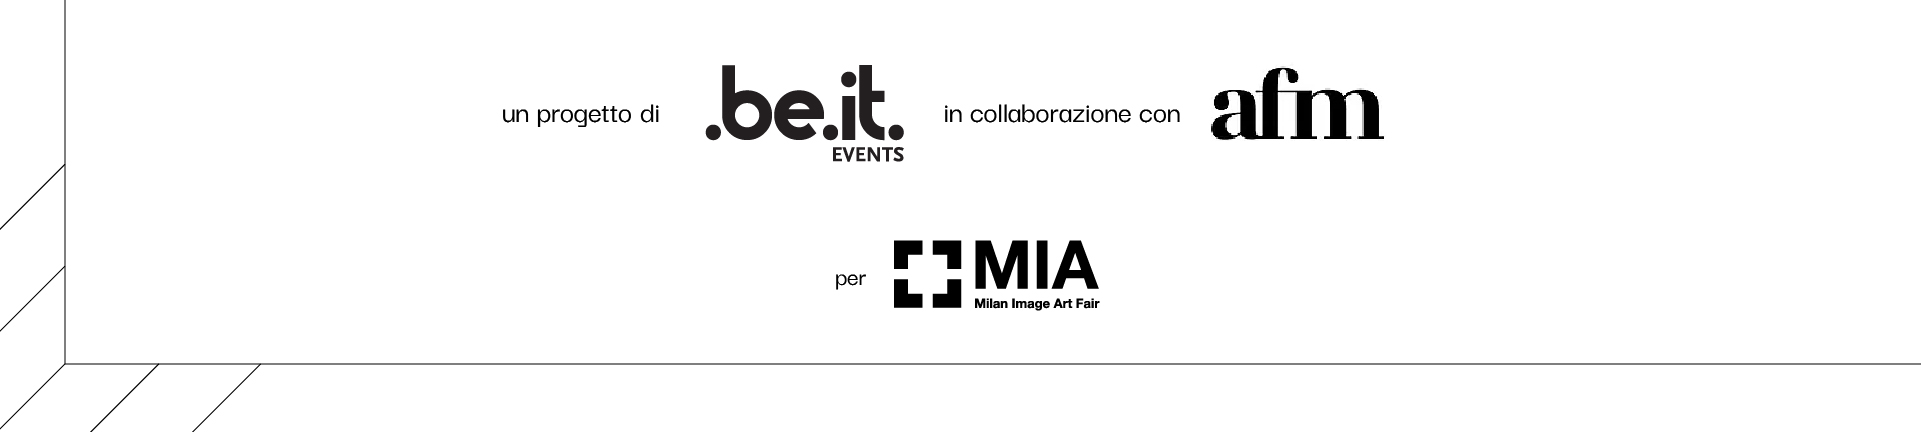 Un progetto di Beit Events, conosce di più in www.beitevents.it